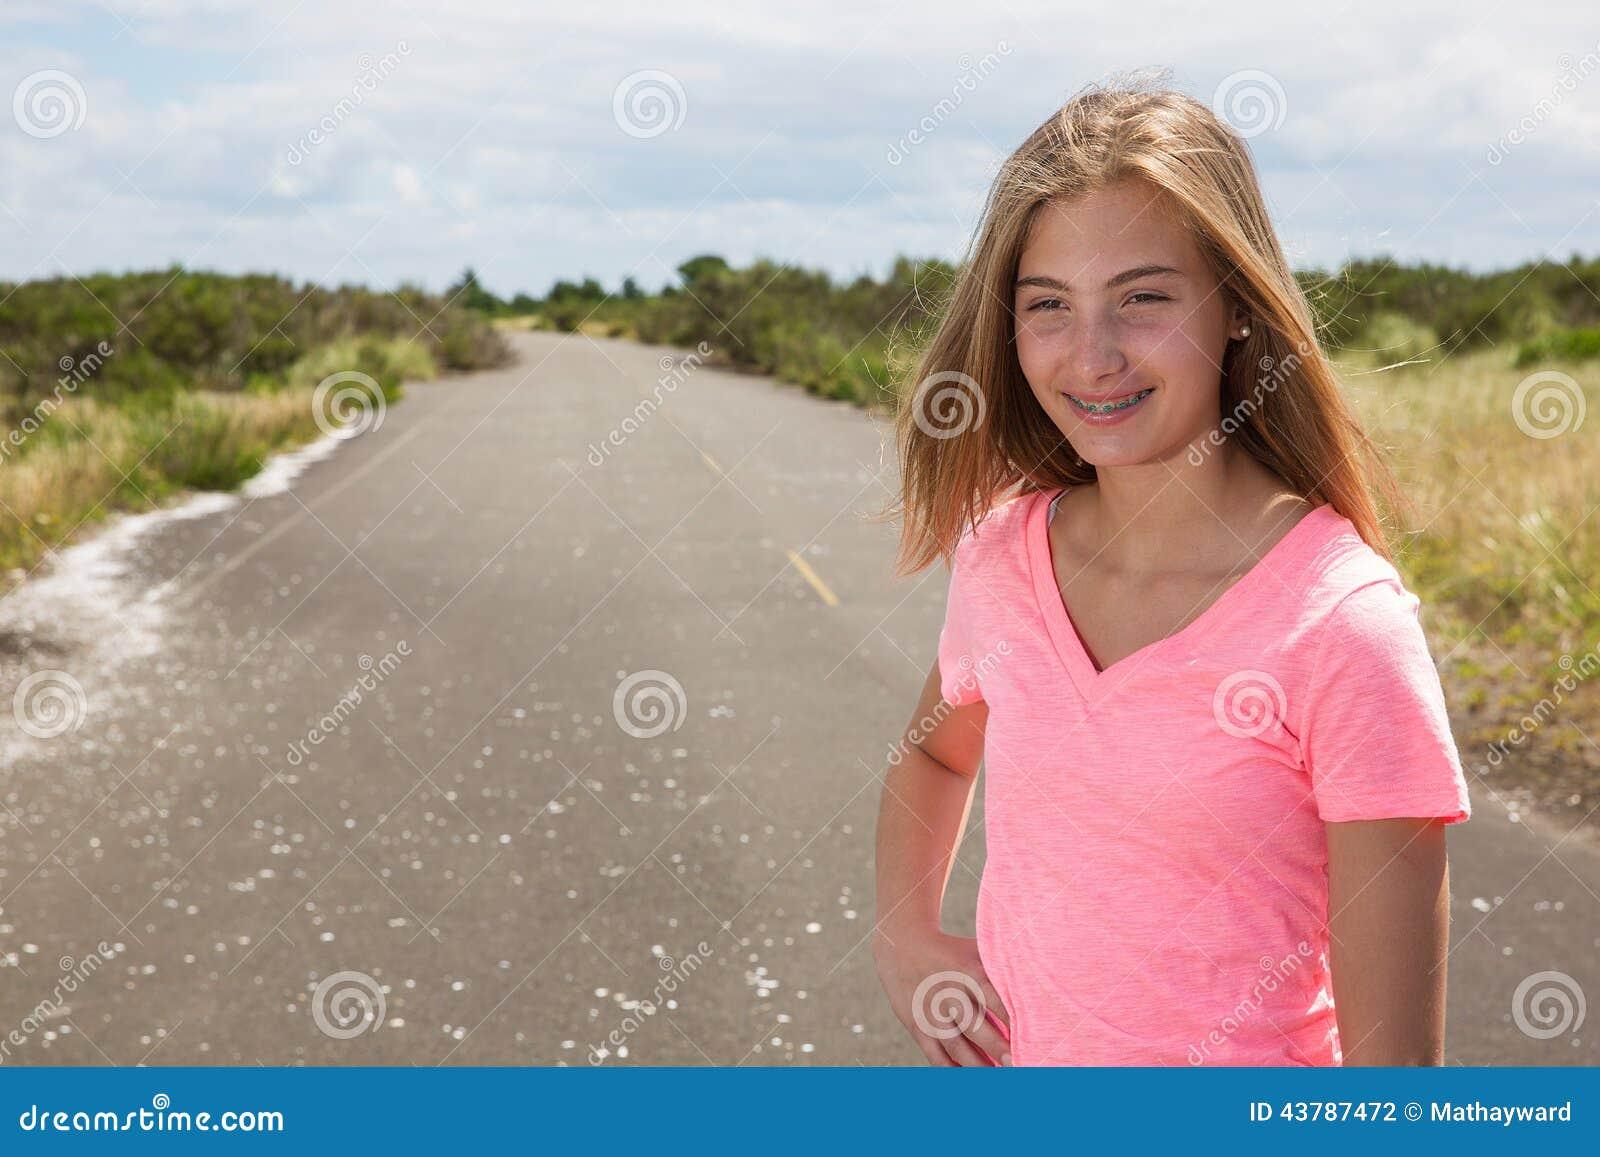 photo nue de la fille adolescente